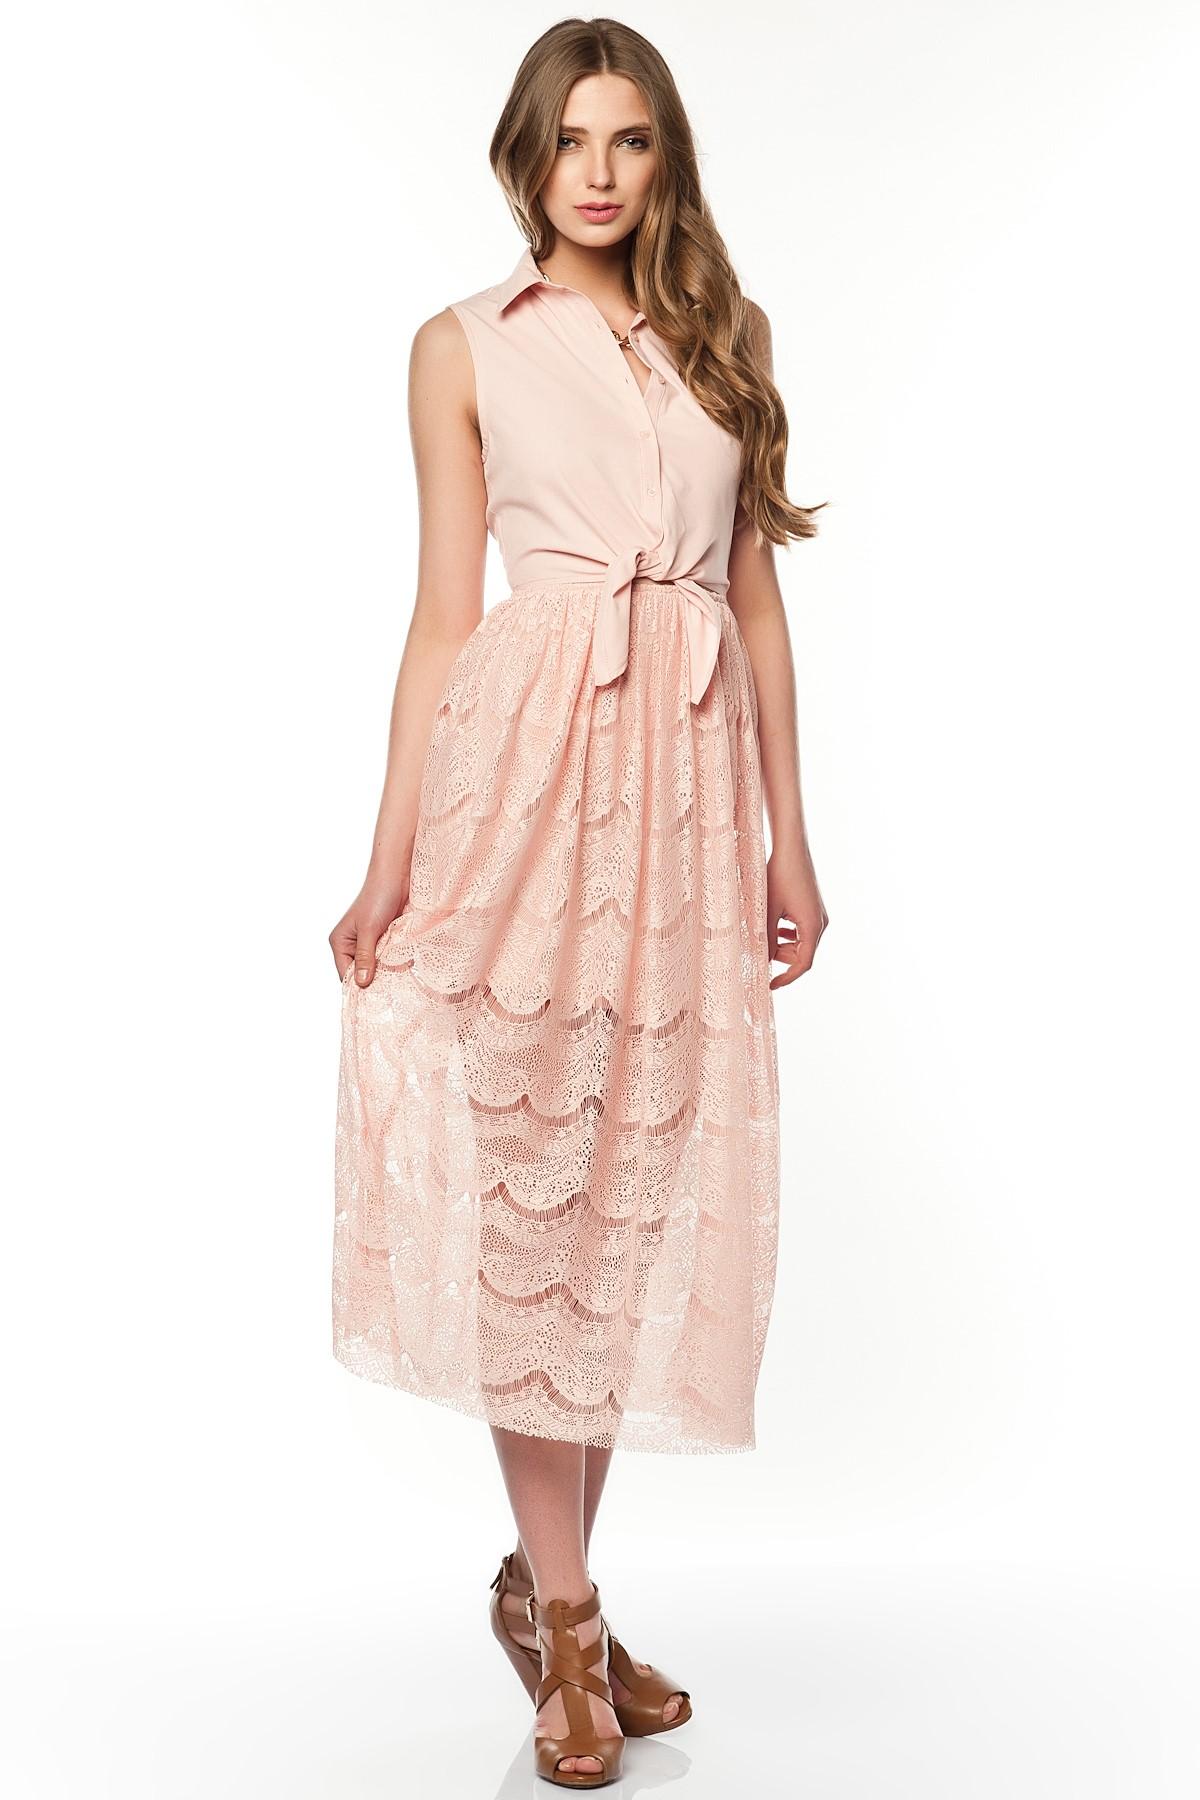 Koton marka Kadın üst Ten rengi renk 42 beden Hiç kullanilmamis, kısa kollu, yakadan fiyonklu kadın bluzu. Sense8 | Gardrops.